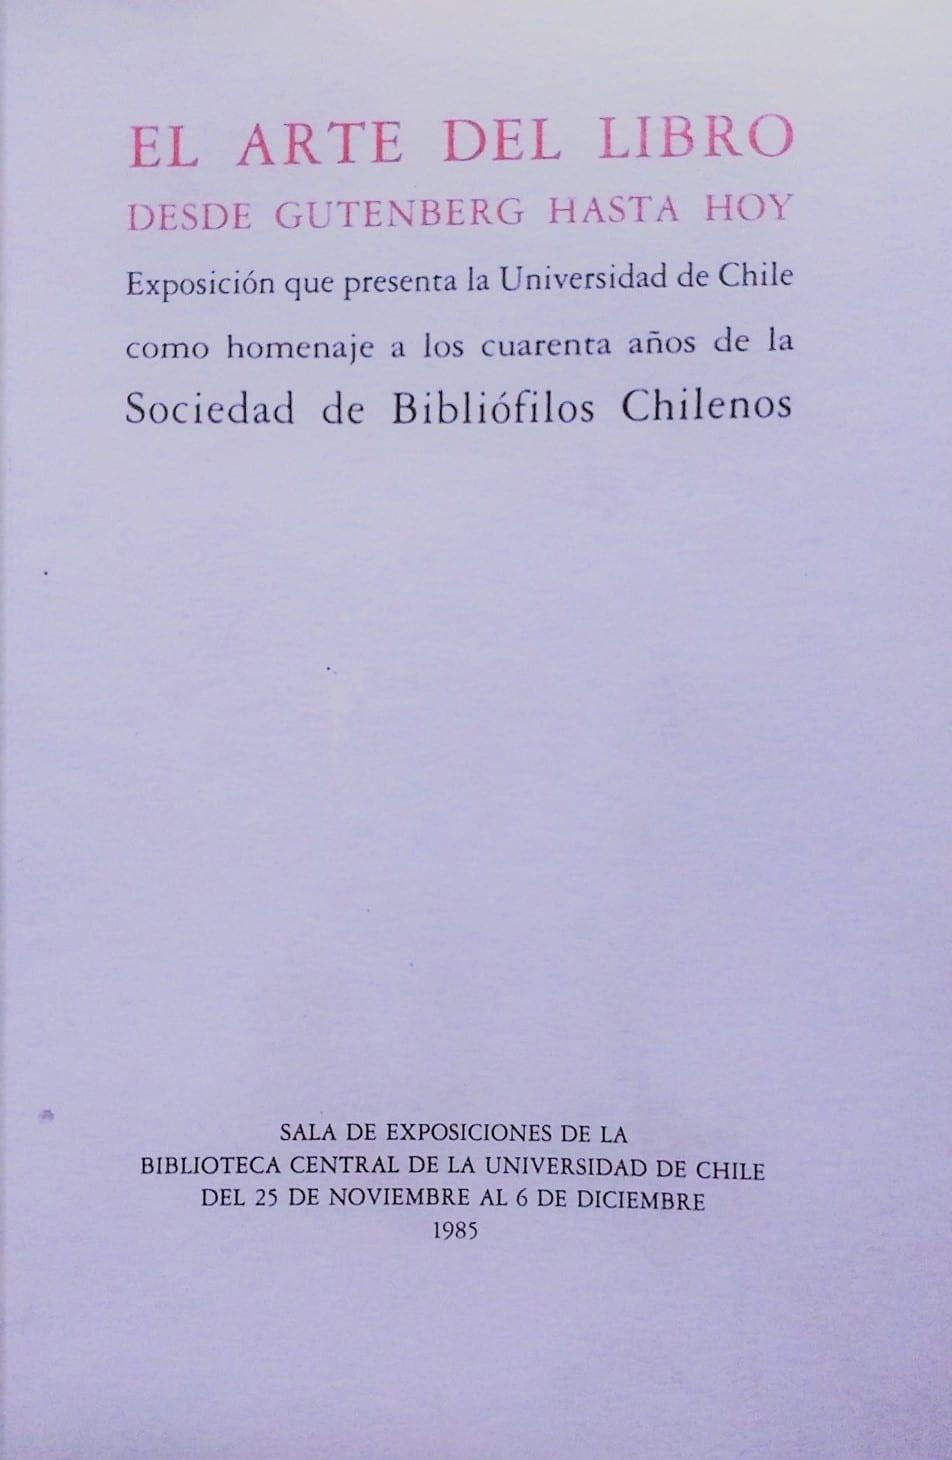 El Arte del Libro, 1985